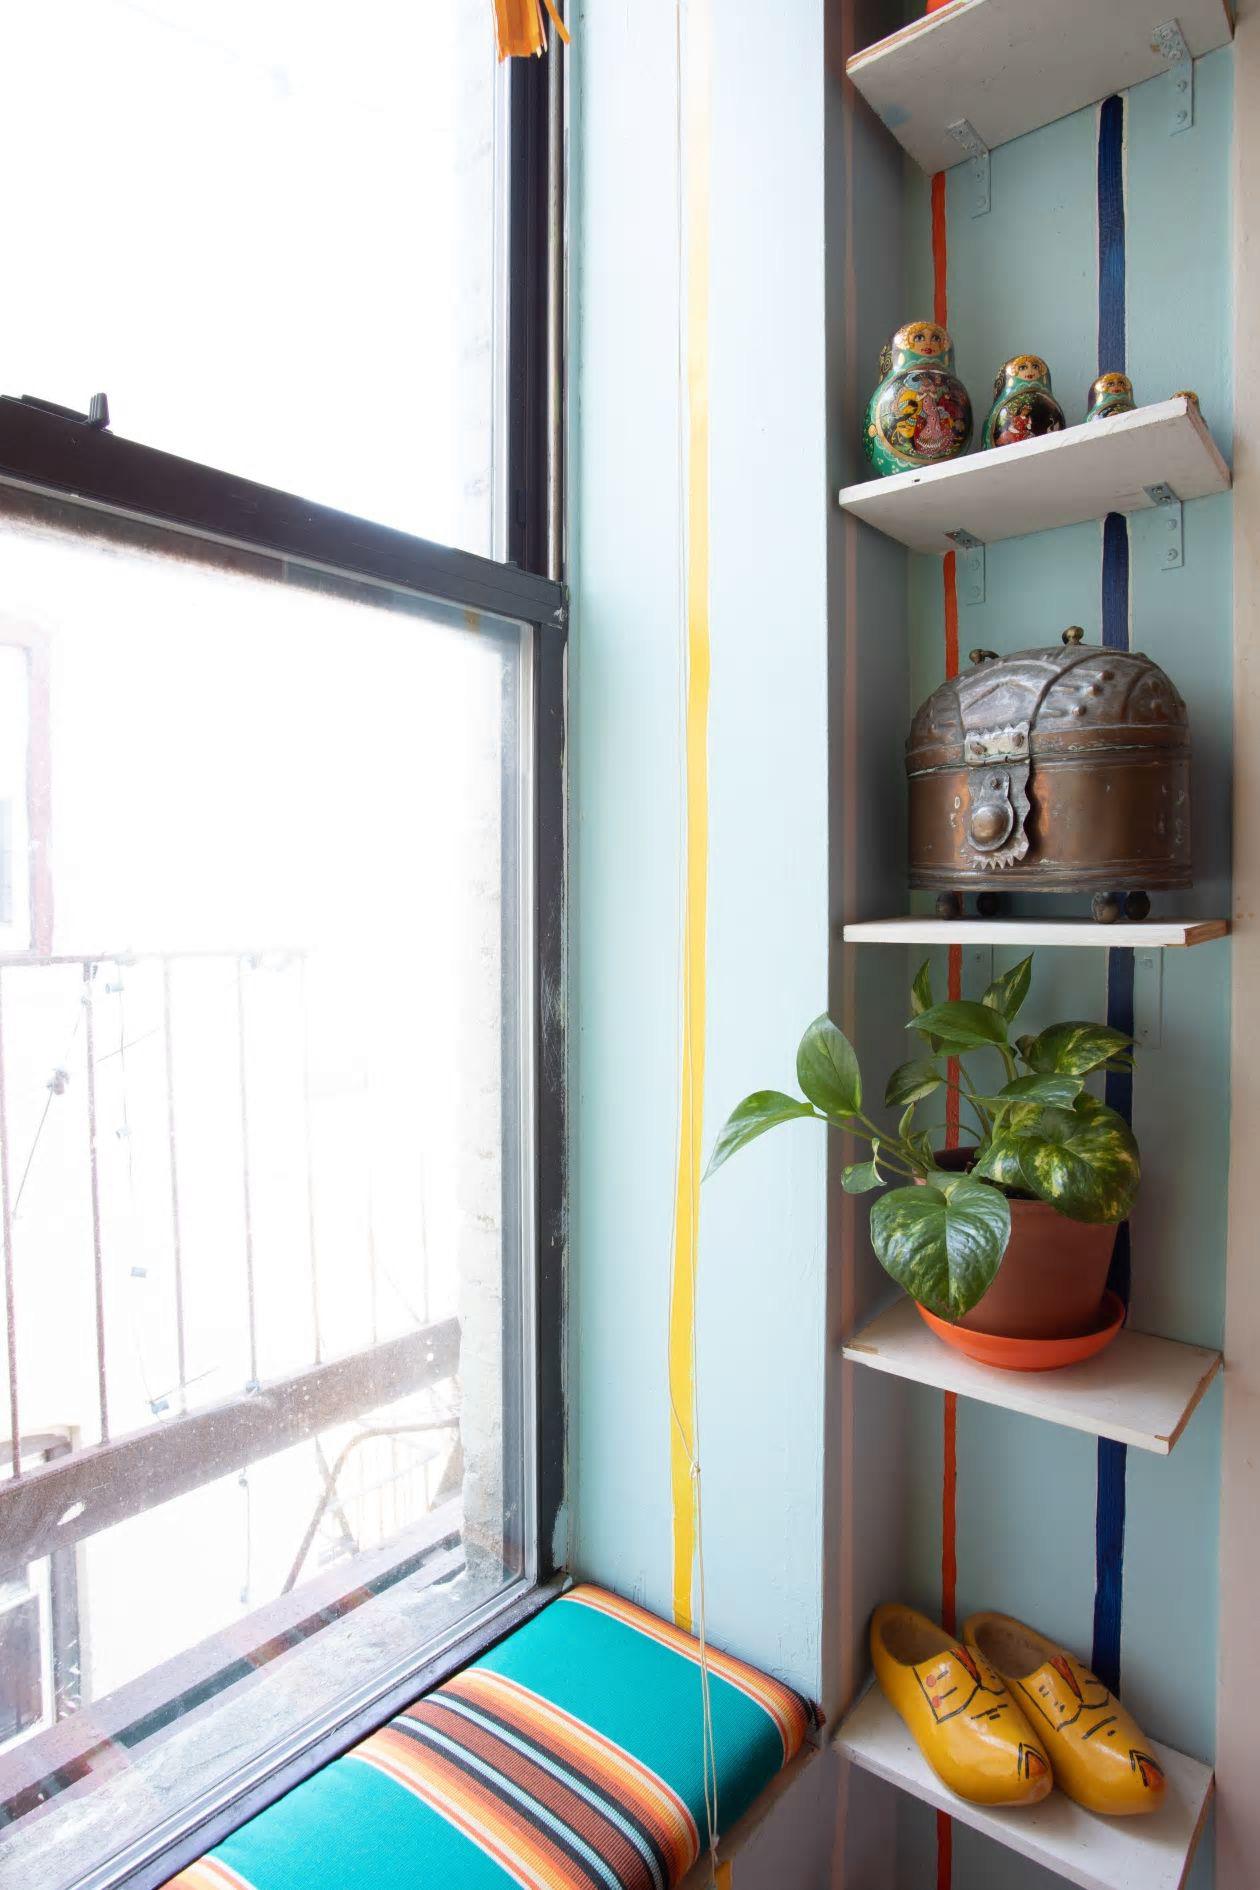 Căn hộ nhỏ 37m² sử dụng những màu sắc đáng kinh ngạc trong trang trí nội thất - Ảnh 9